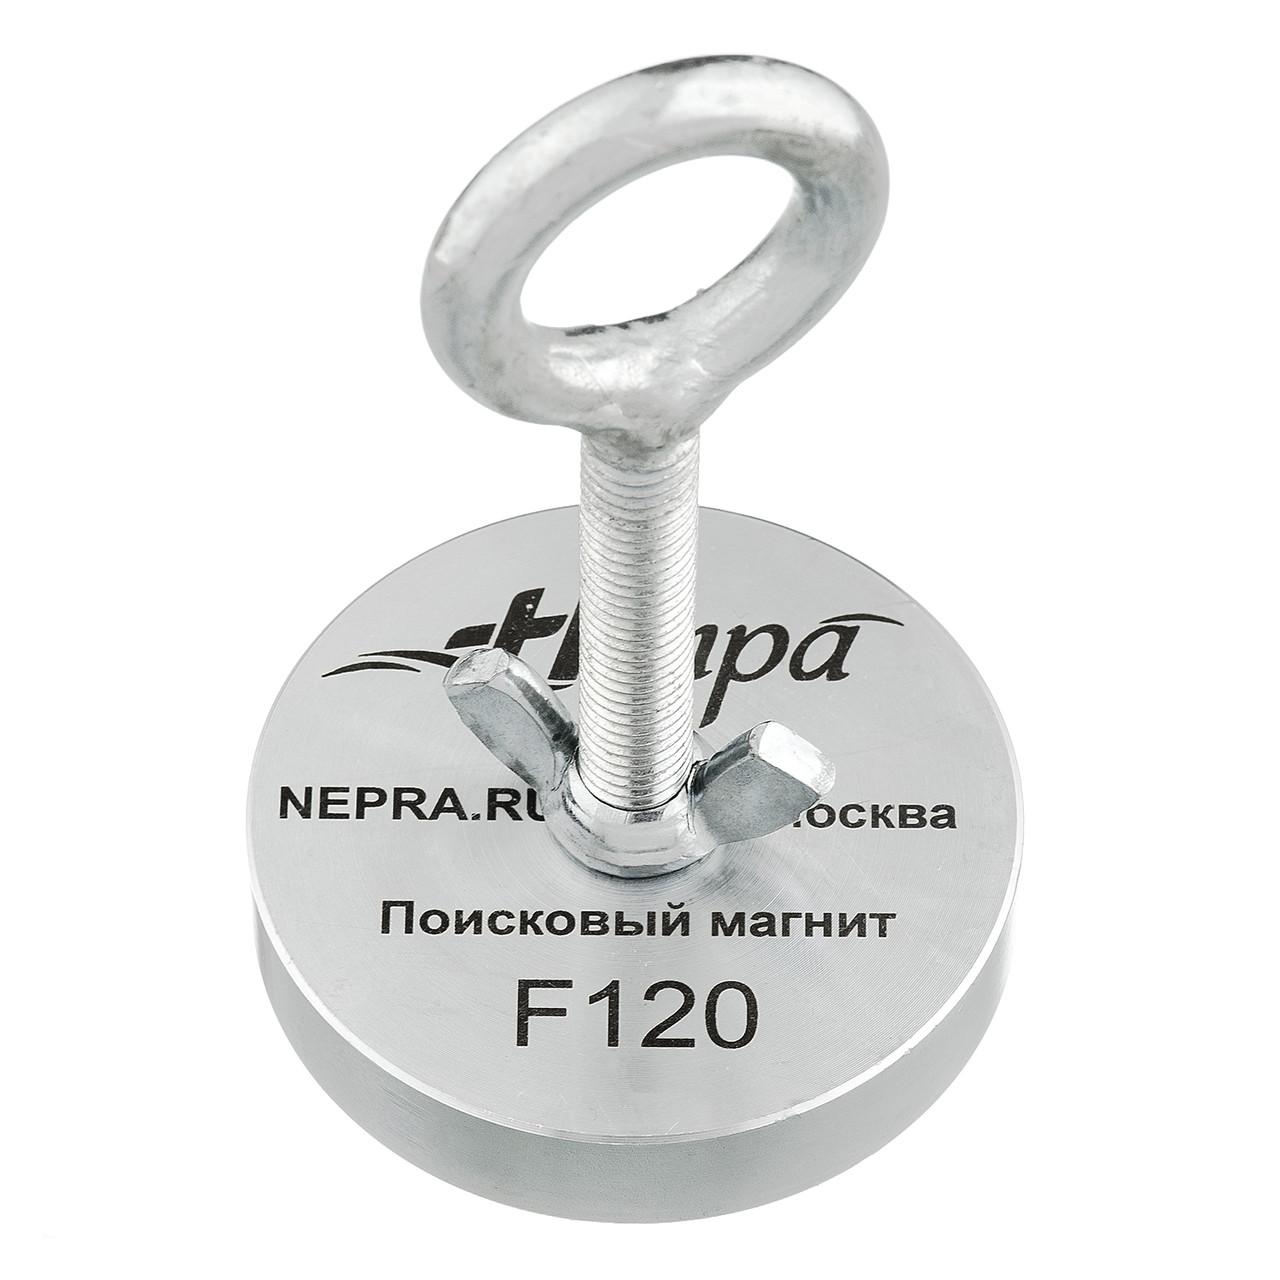 Поисковый магнит Непра F120 кг Односторонний неодимовый